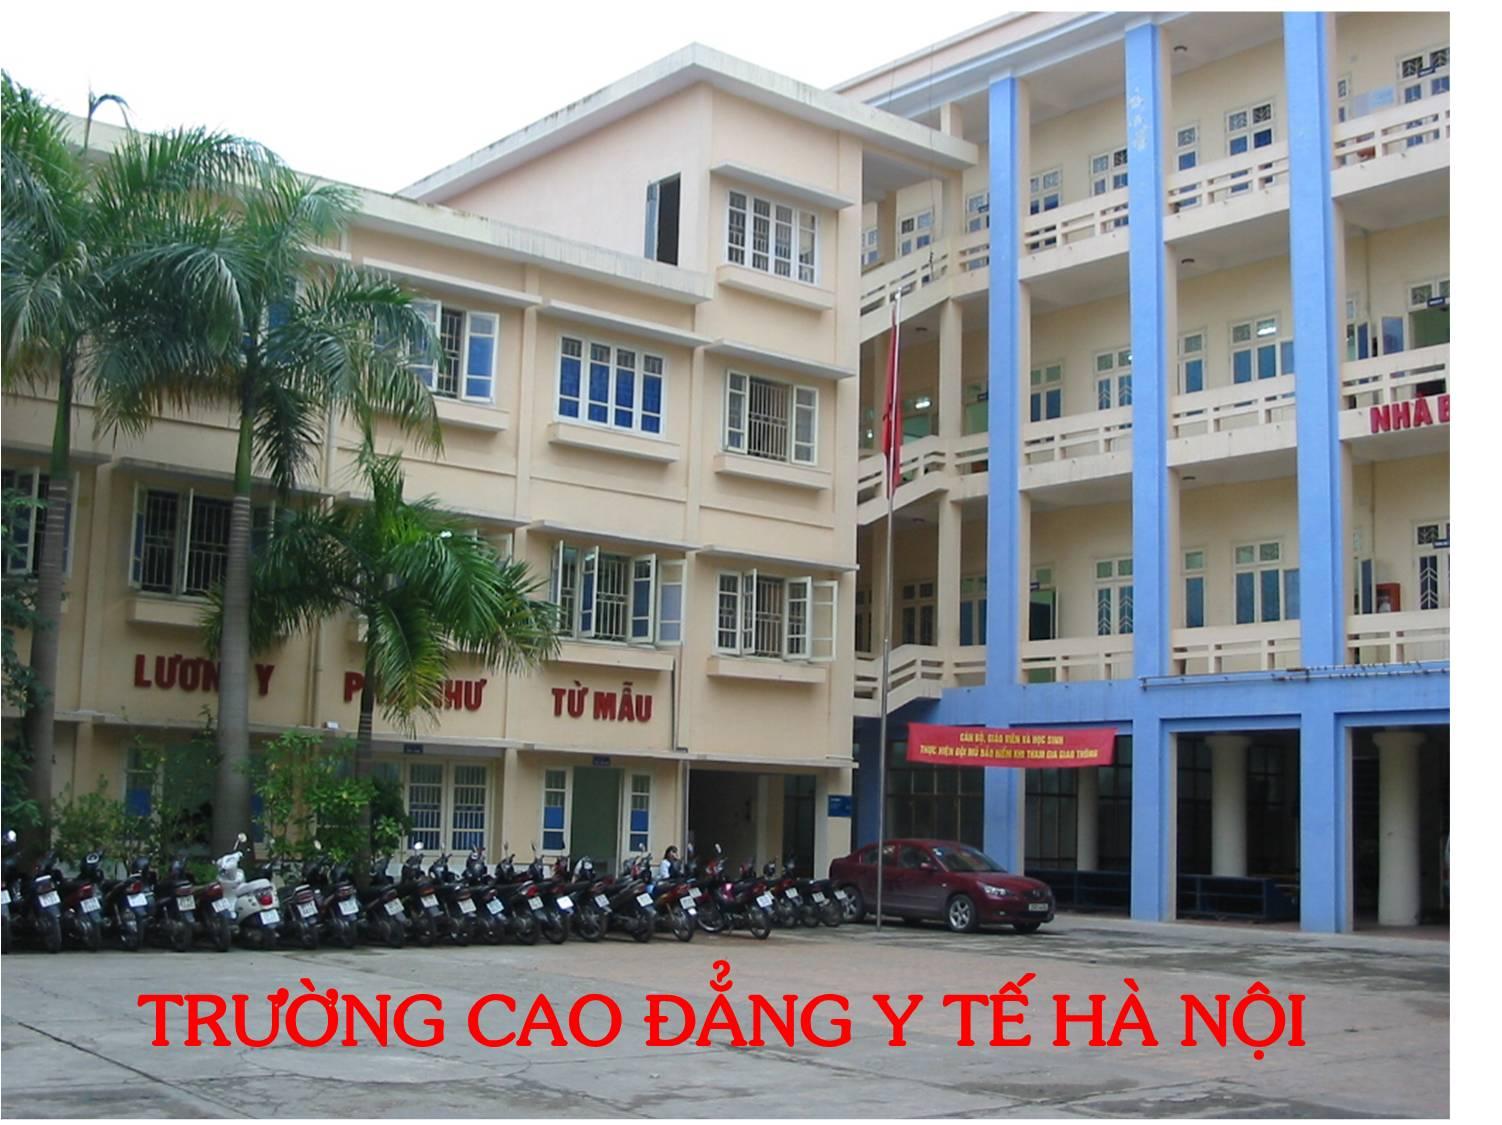 Trường cao đẳng y tế Hà Nội 1 lựa chọn tốt